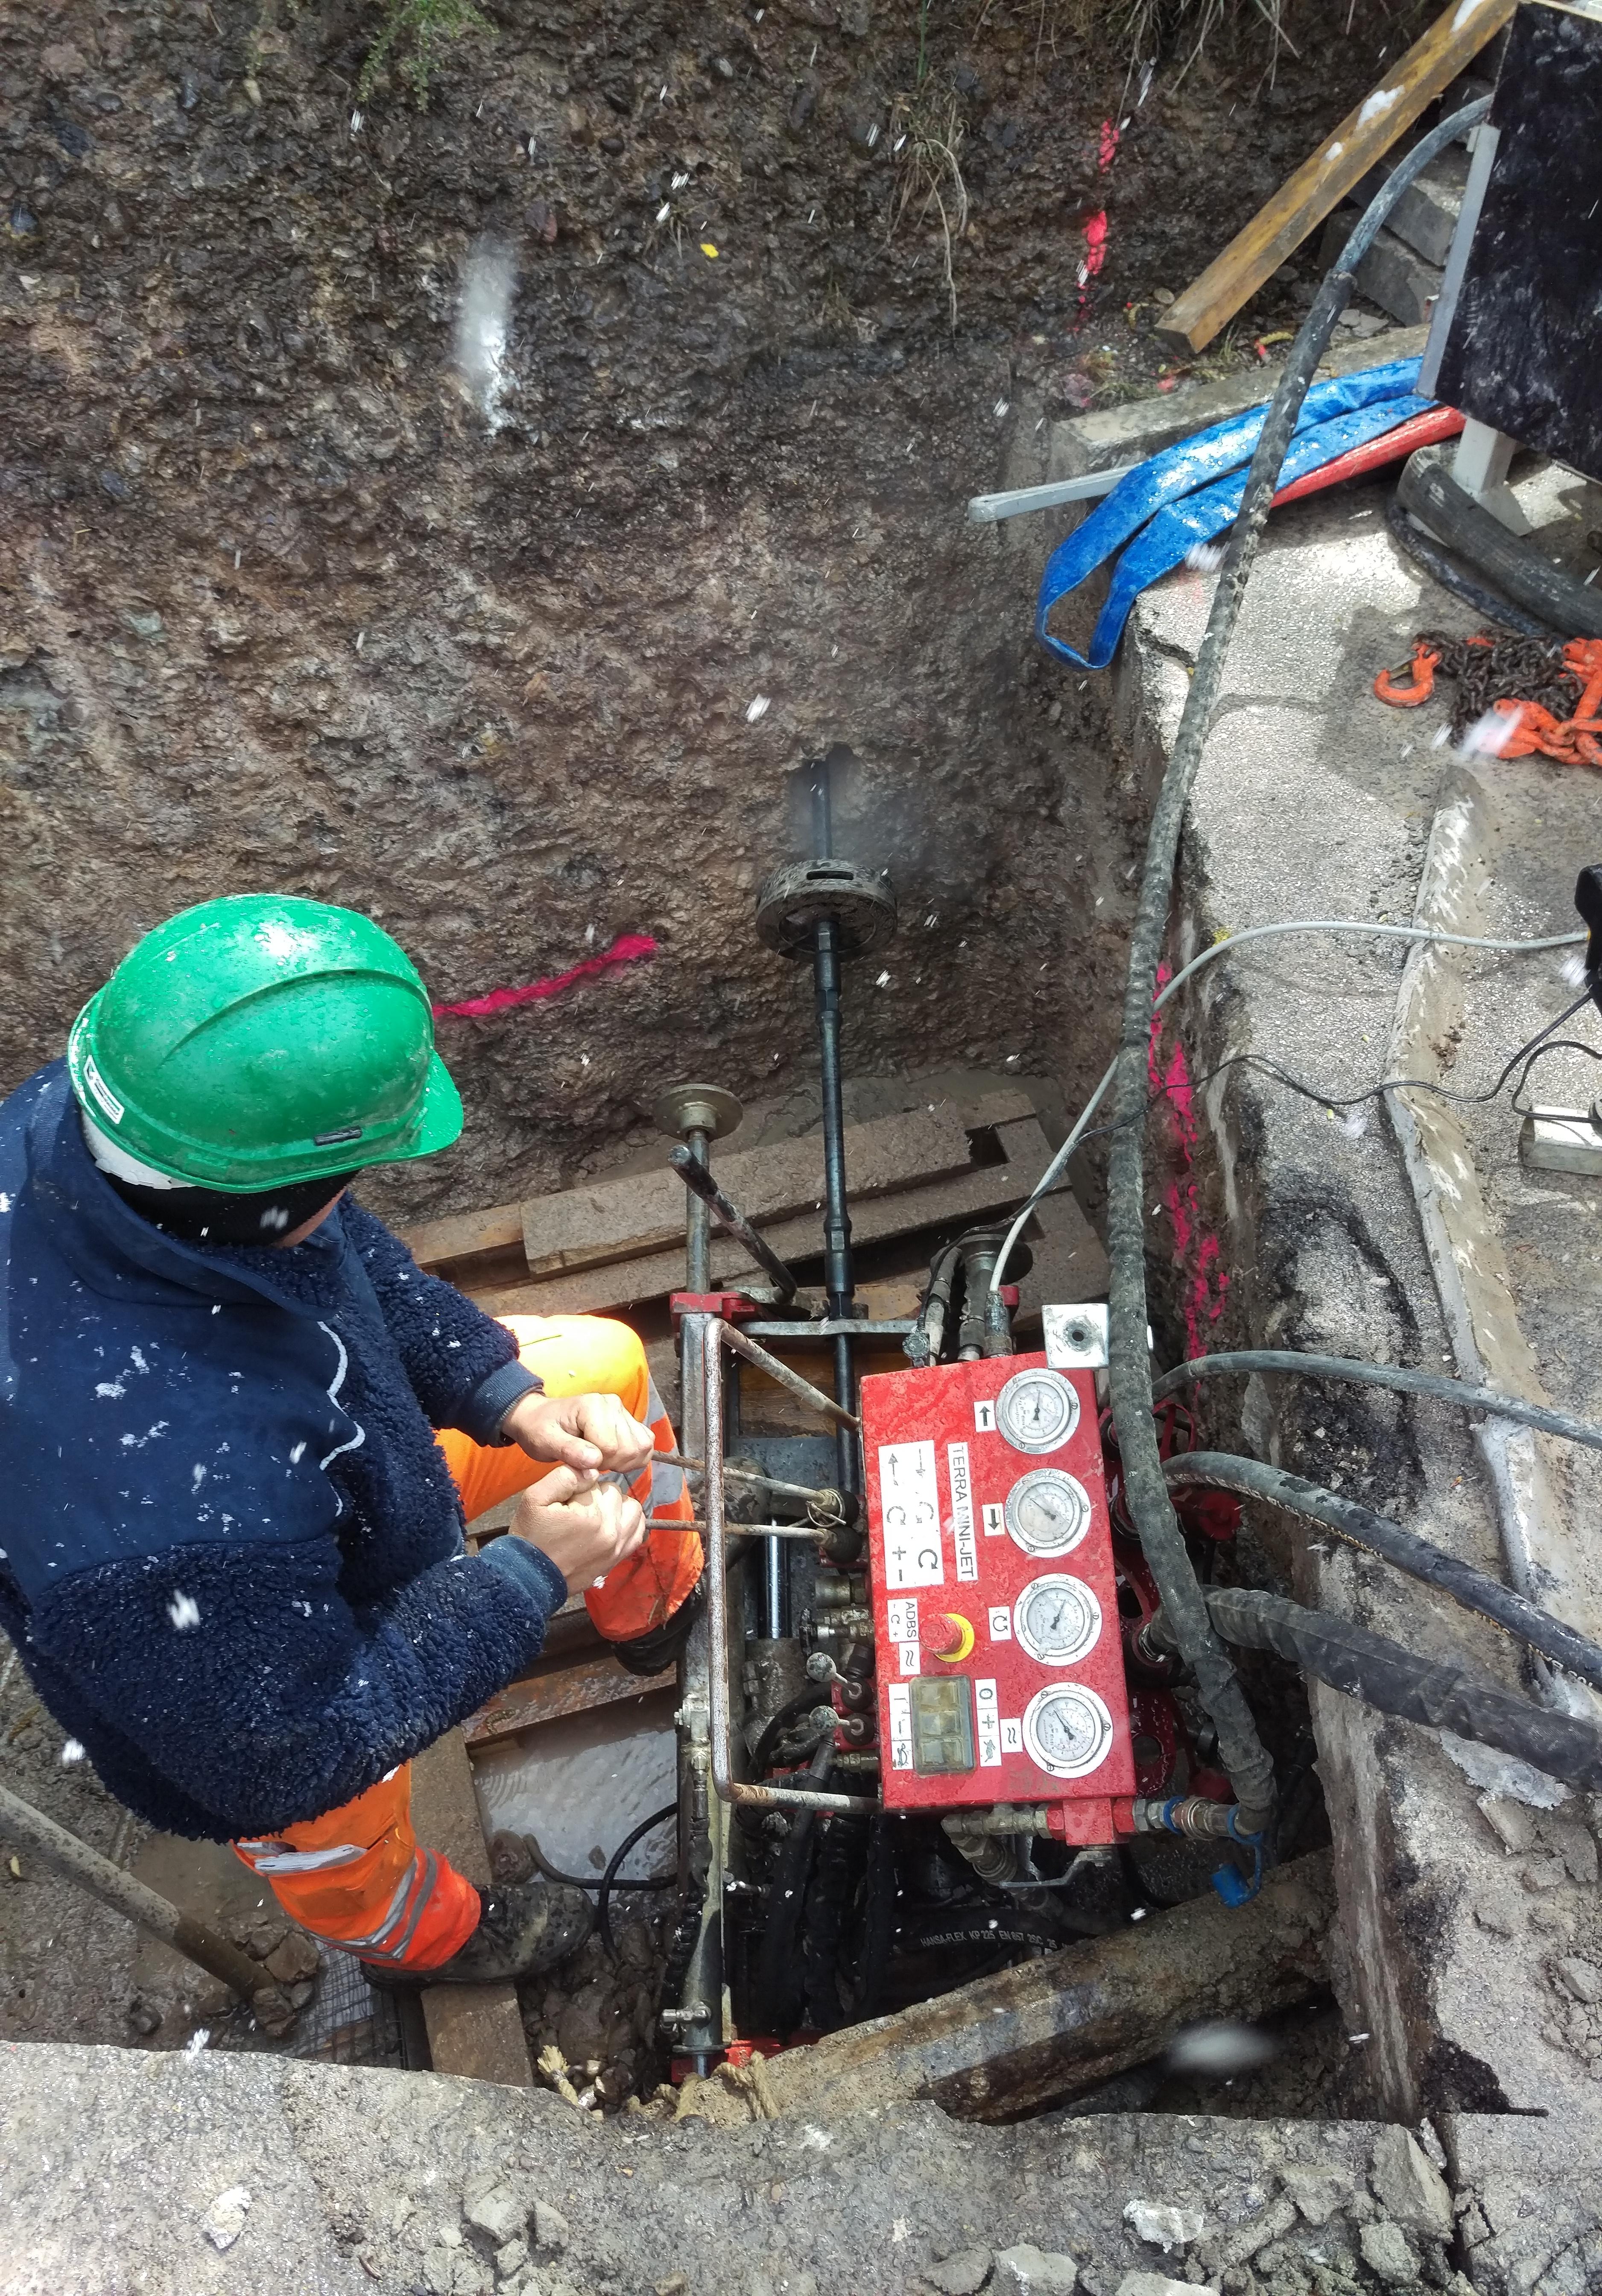 Grubenbohranlage: Fluid-Felsbohrung mit dem TERRA MINI-JET MJ 1600